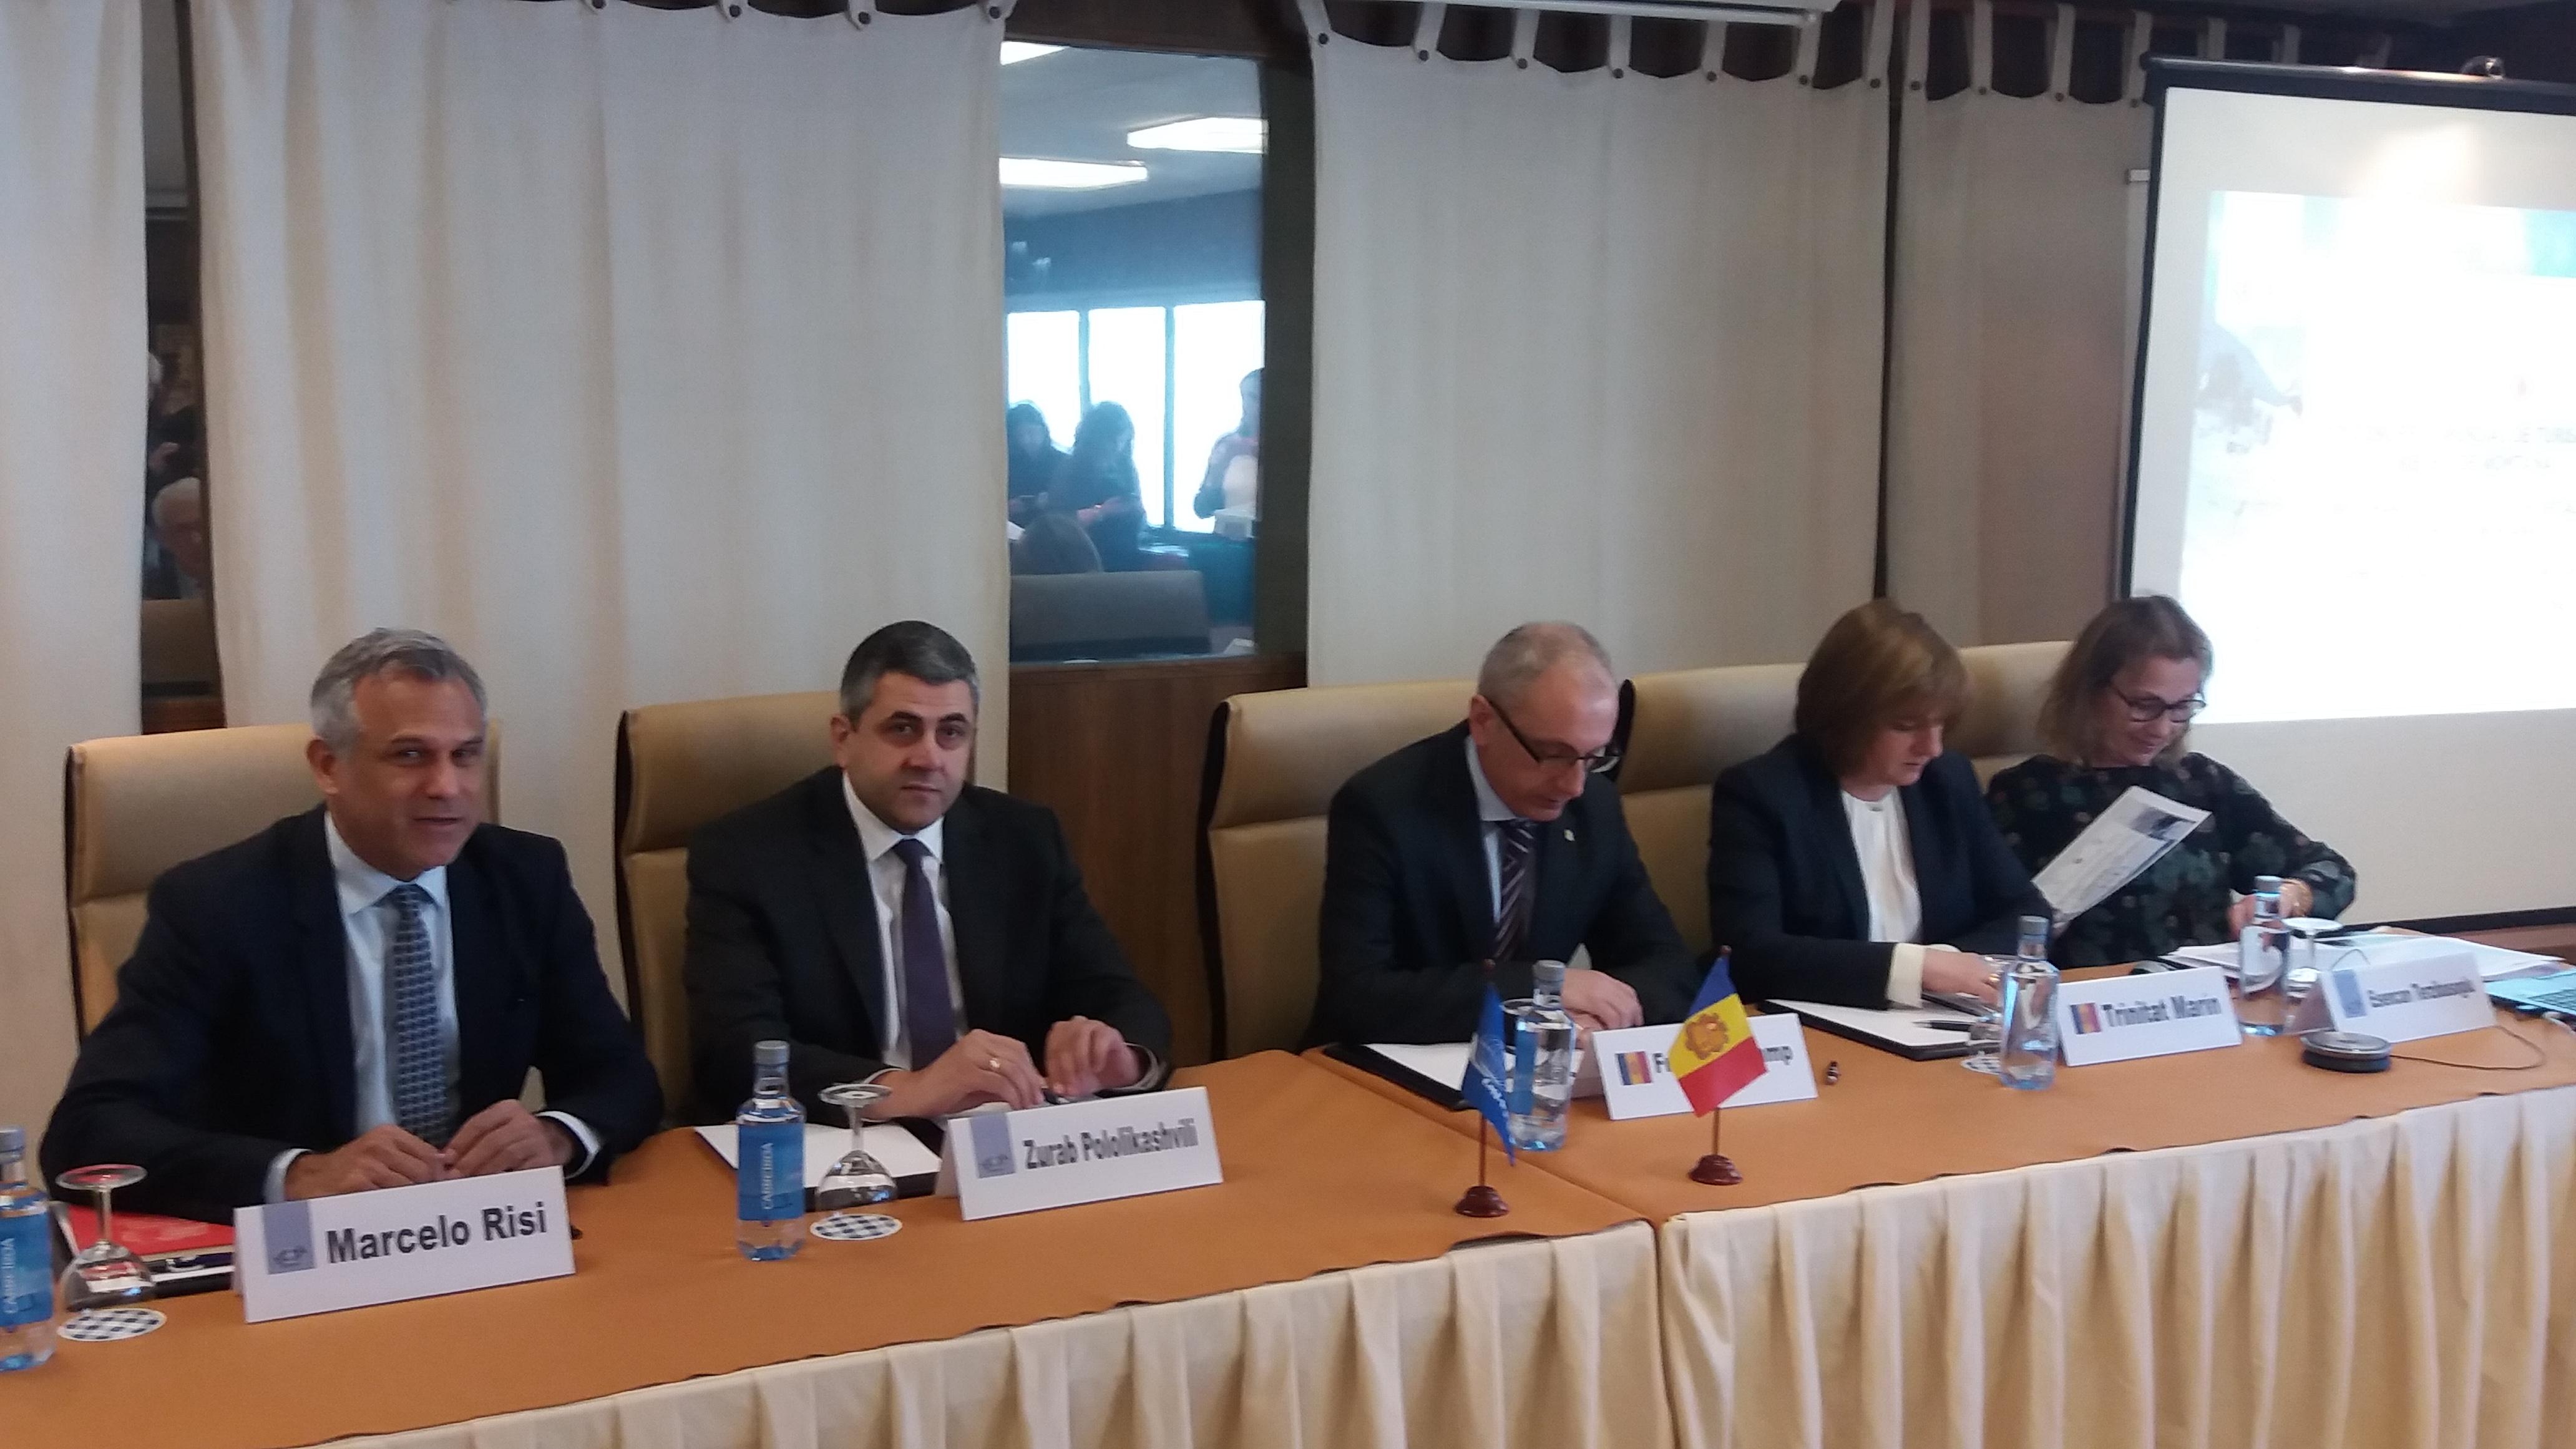 Profesionales del turismo debatirán sobre hospitalidad en Andorra